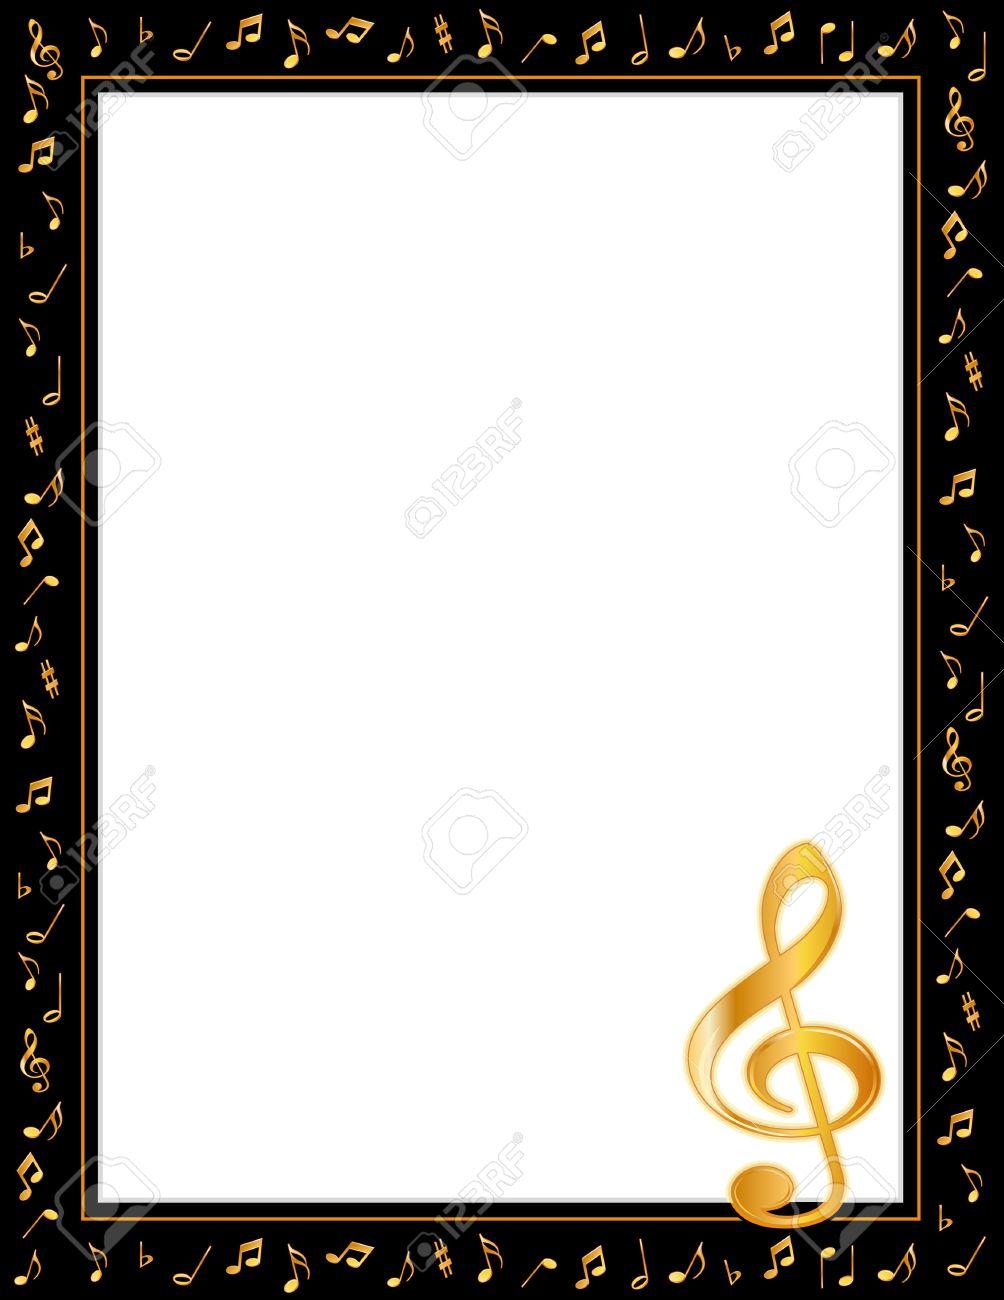 music entertainment poster frame schwarzer rand gold noten notenschlussel vertikal